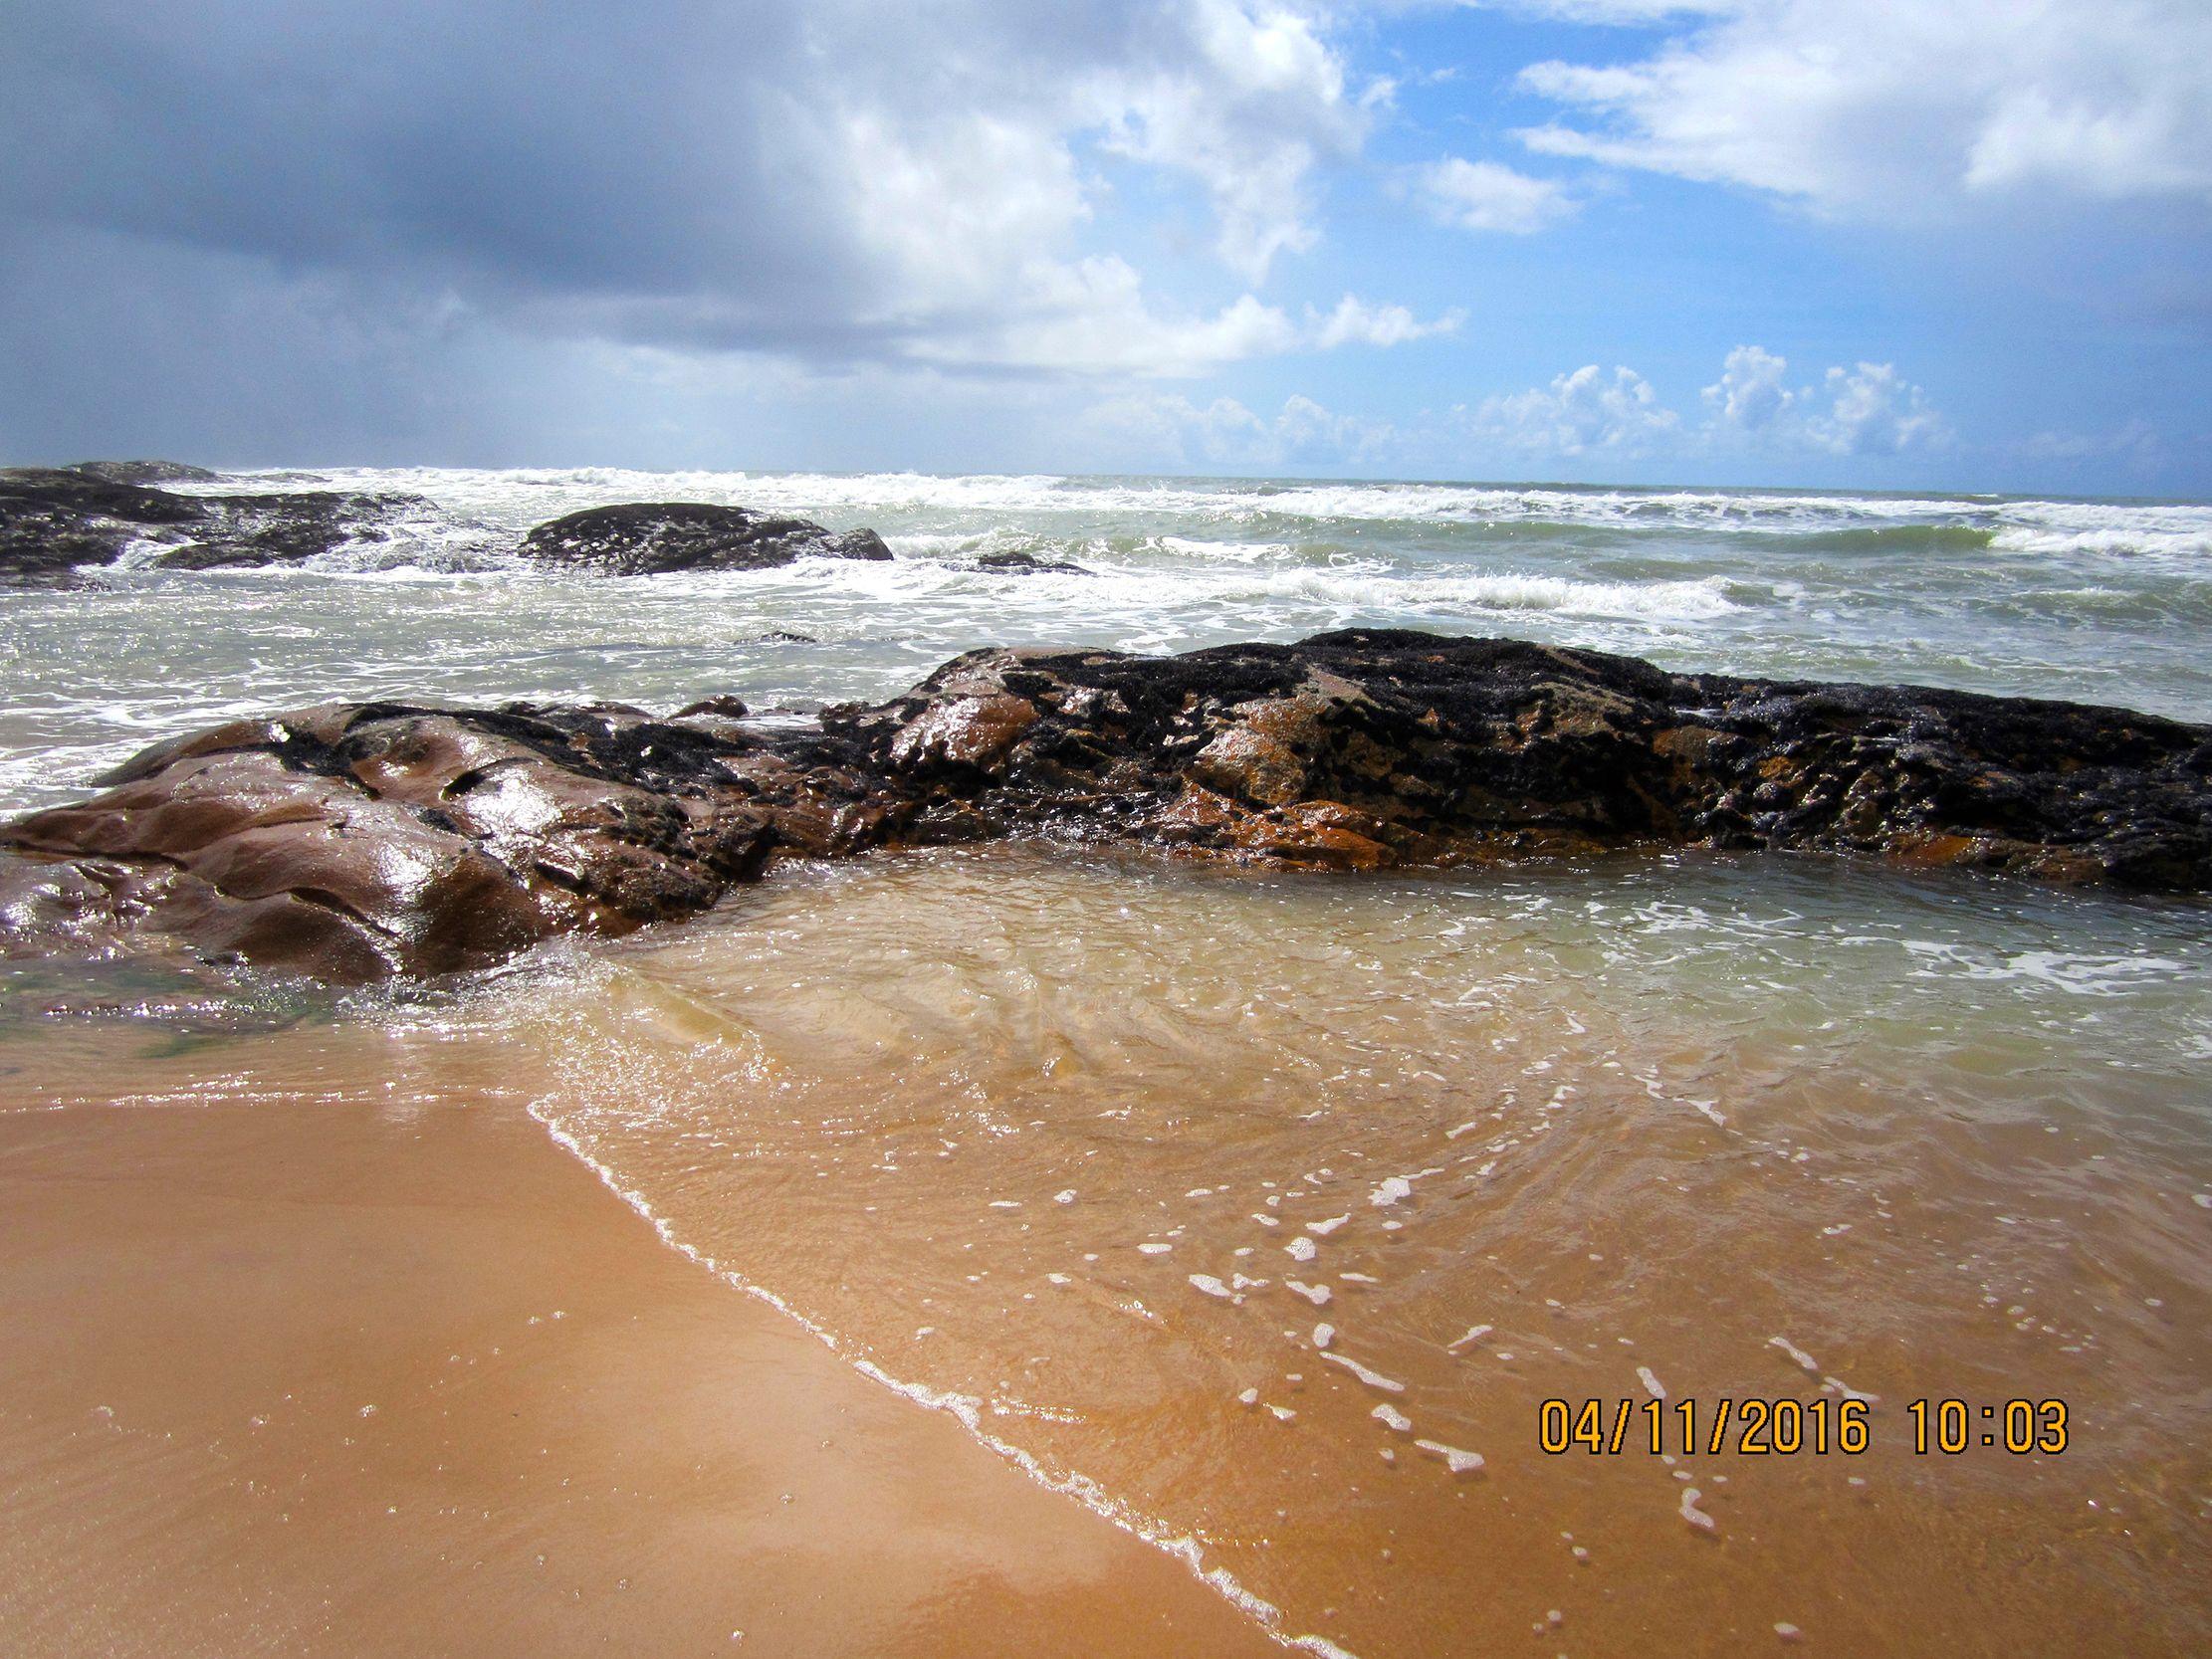 Praia Costa Do Sauipe Bahia Salvador Brasil Praias Voce Podera